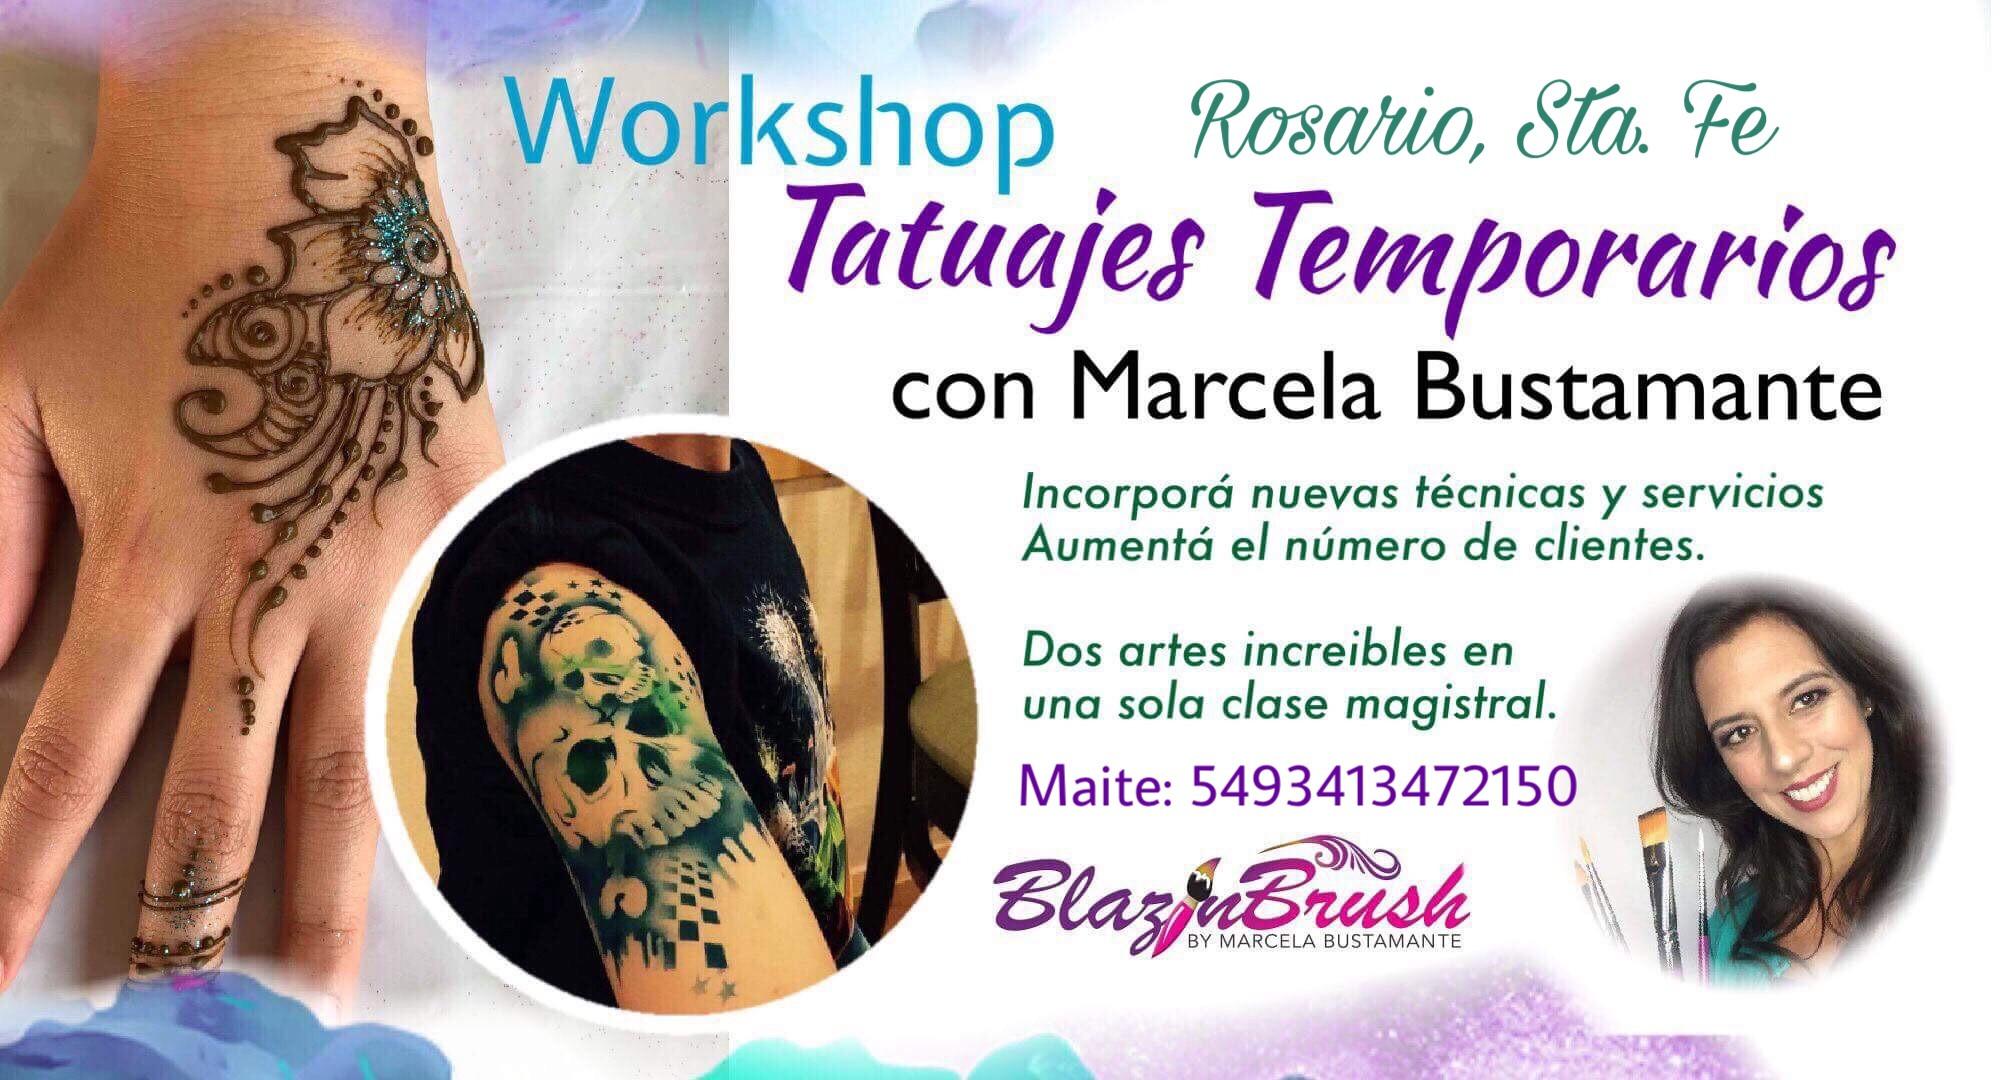 Tatuajes temporarios en Rosario